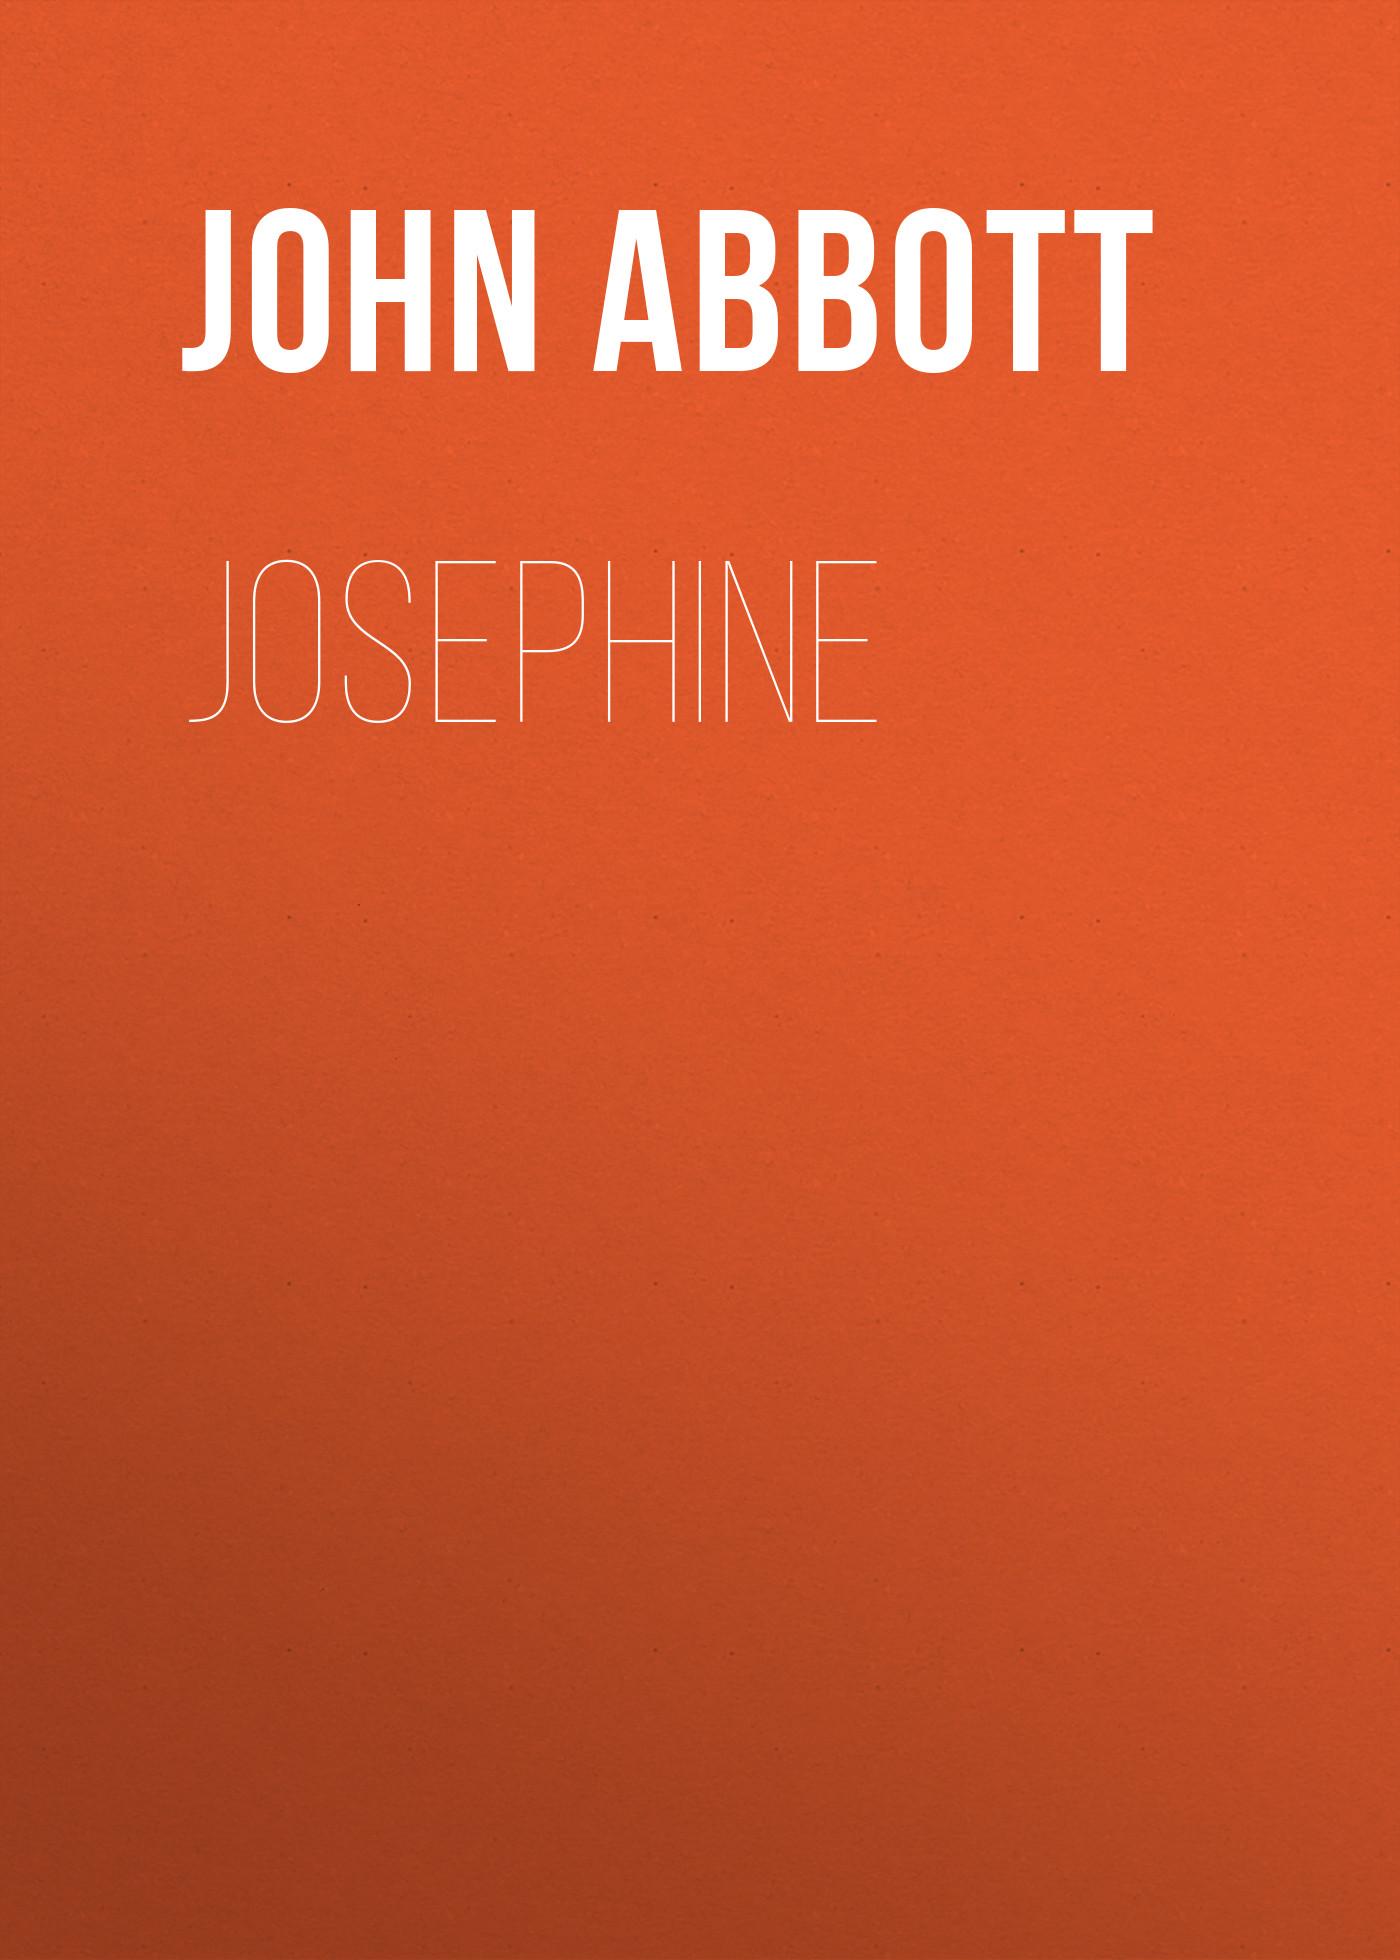 Abbott John Stevens Cabot Josephine